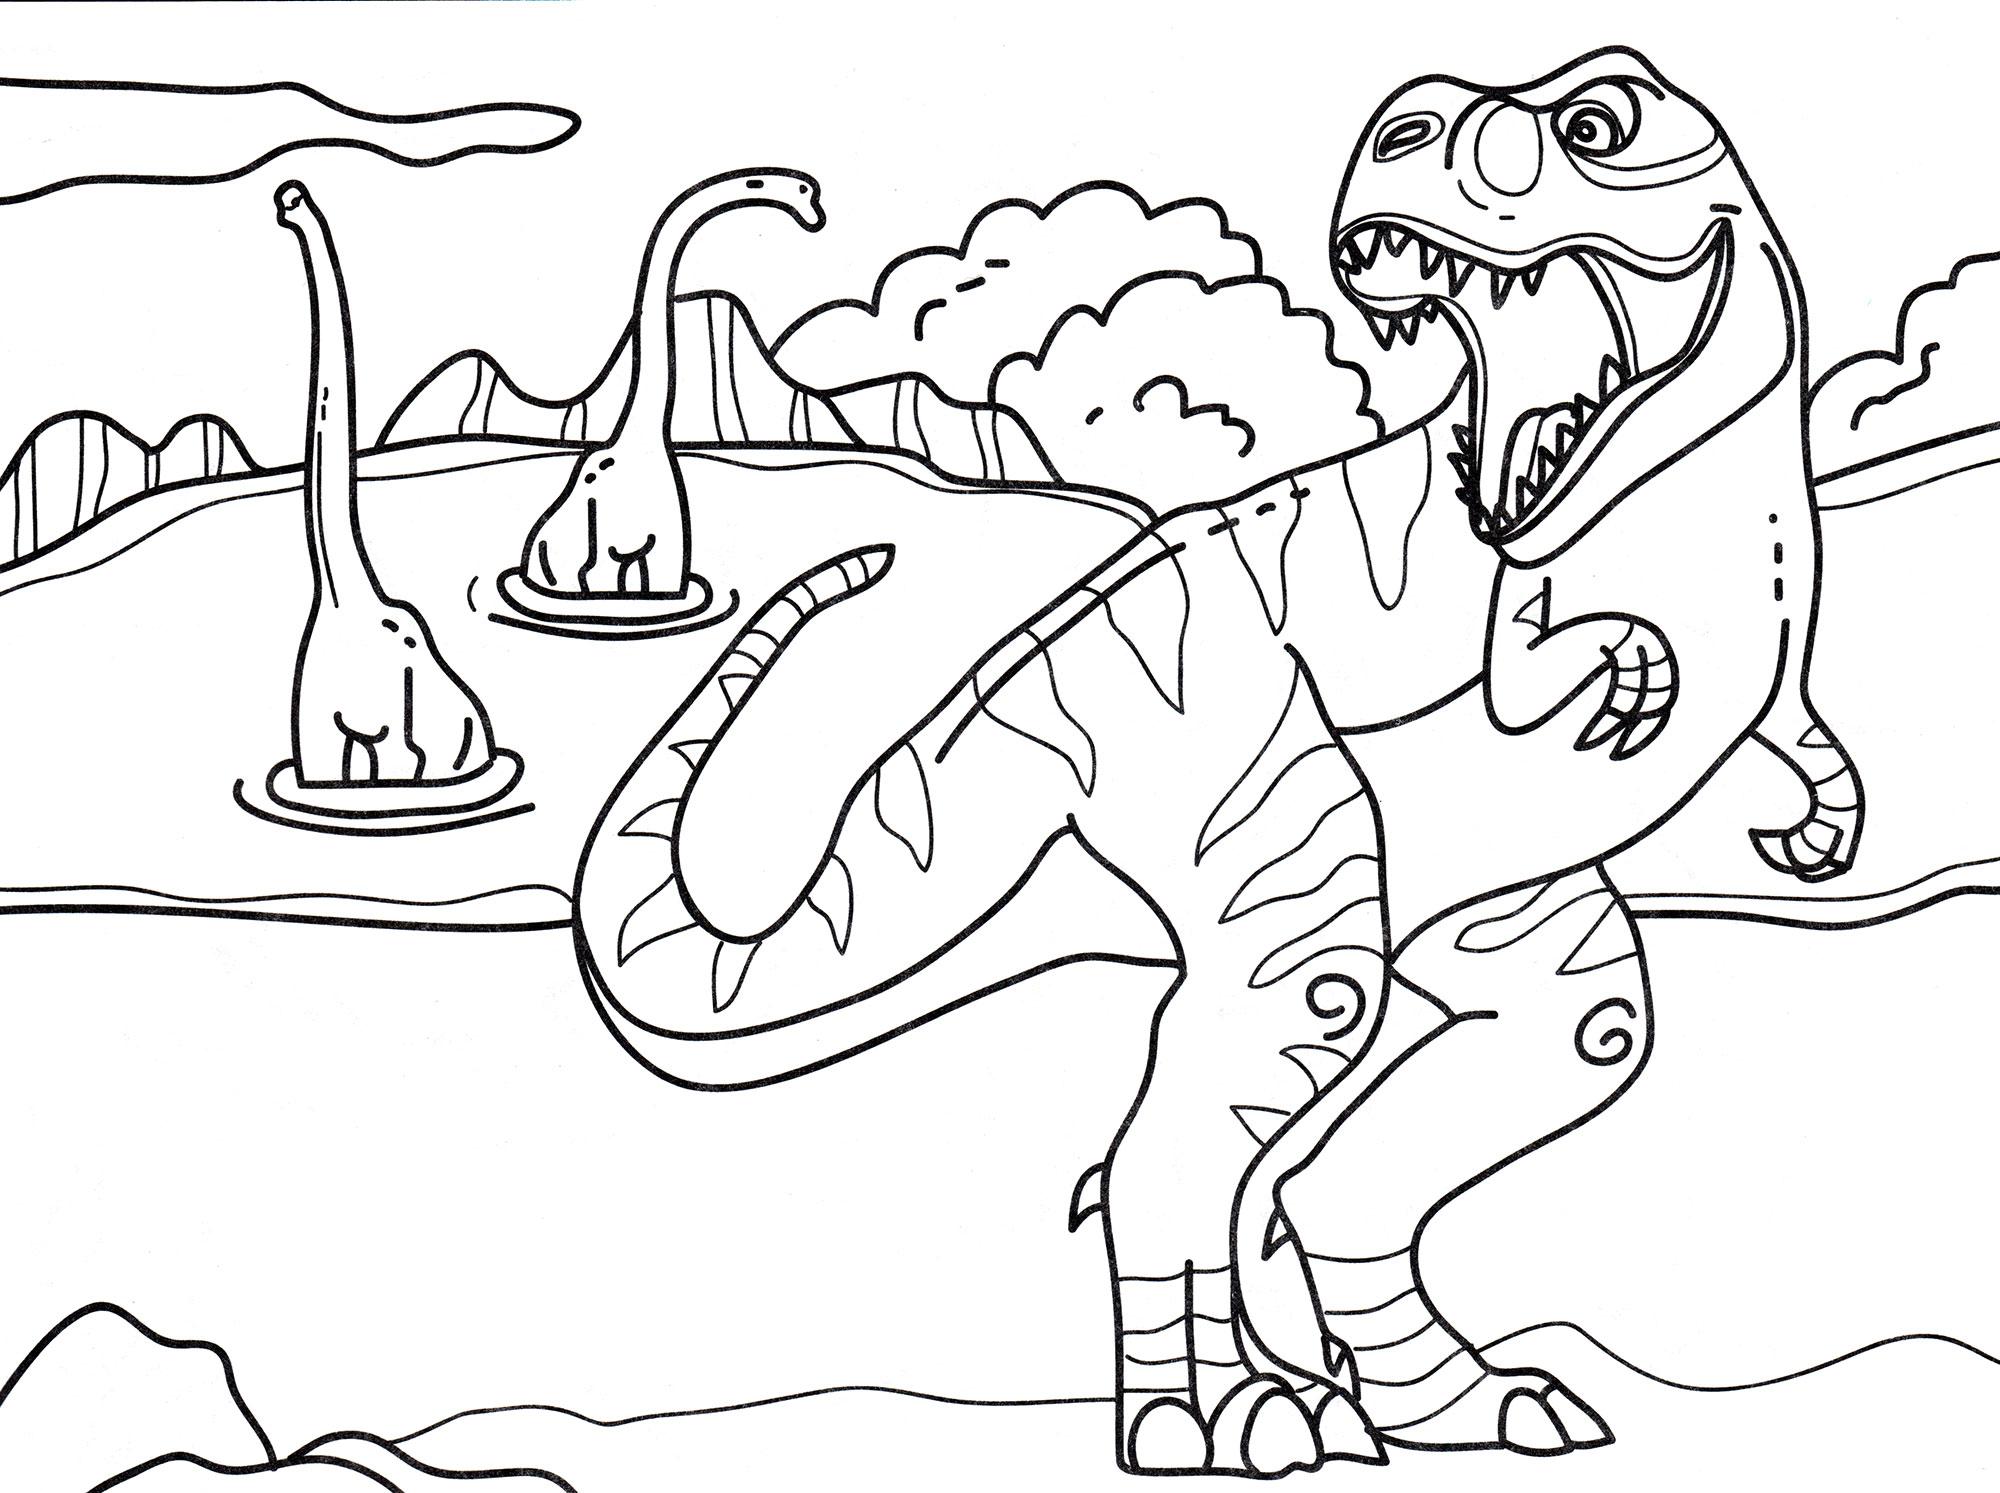 Раскраска Тираннозавр охотится | Раскраски динозавры